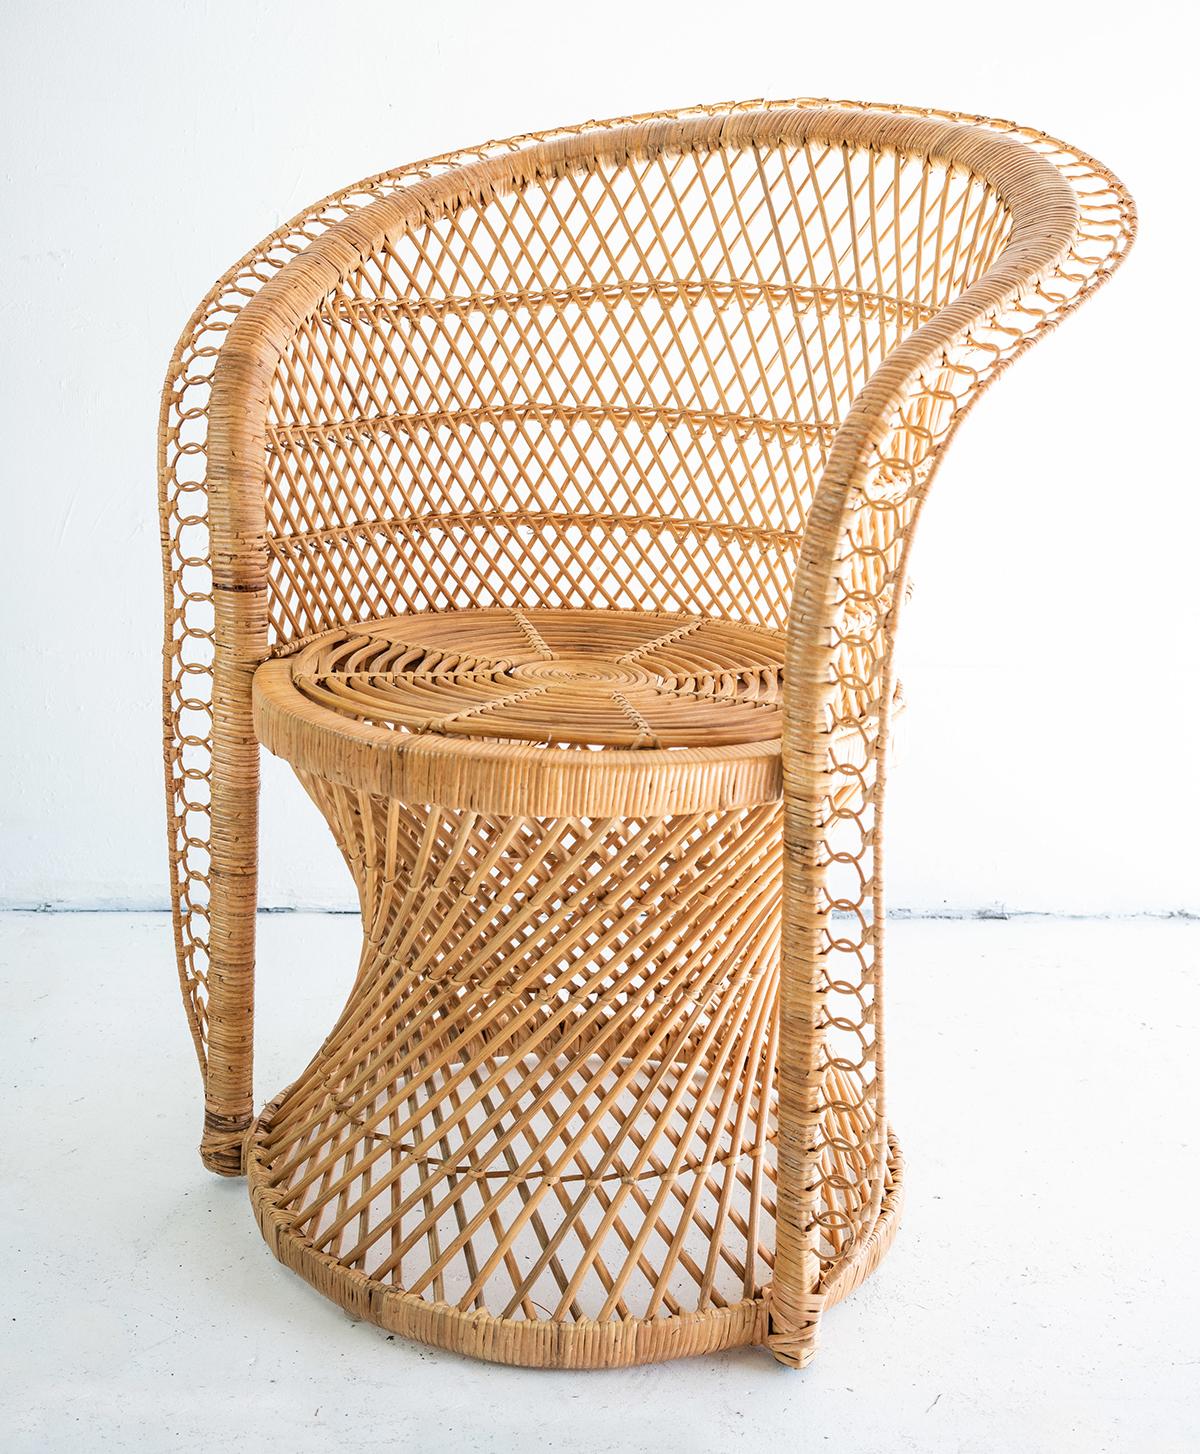 Boho_Wicker_Chair.jpg